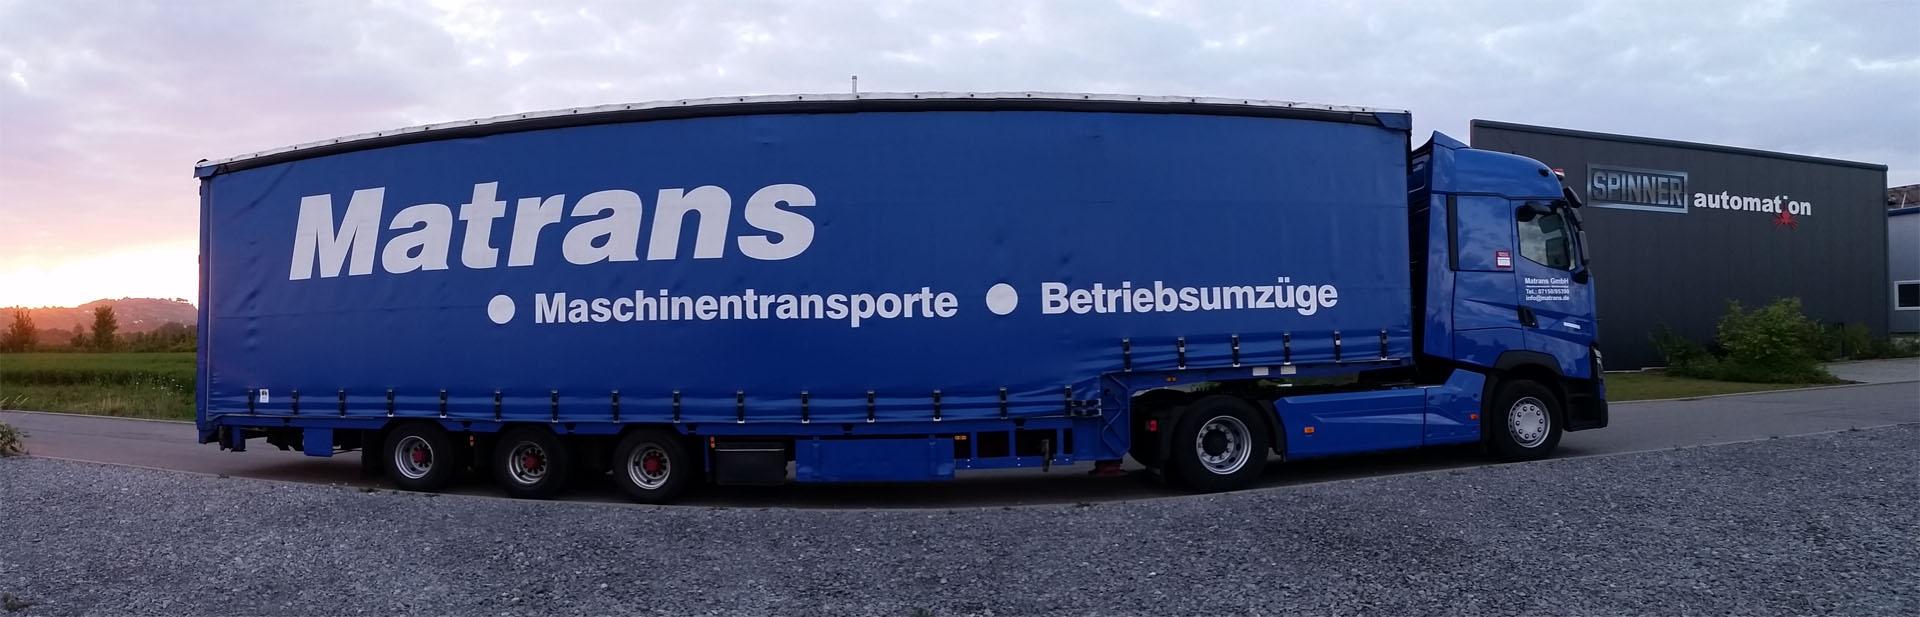 truck_panorama